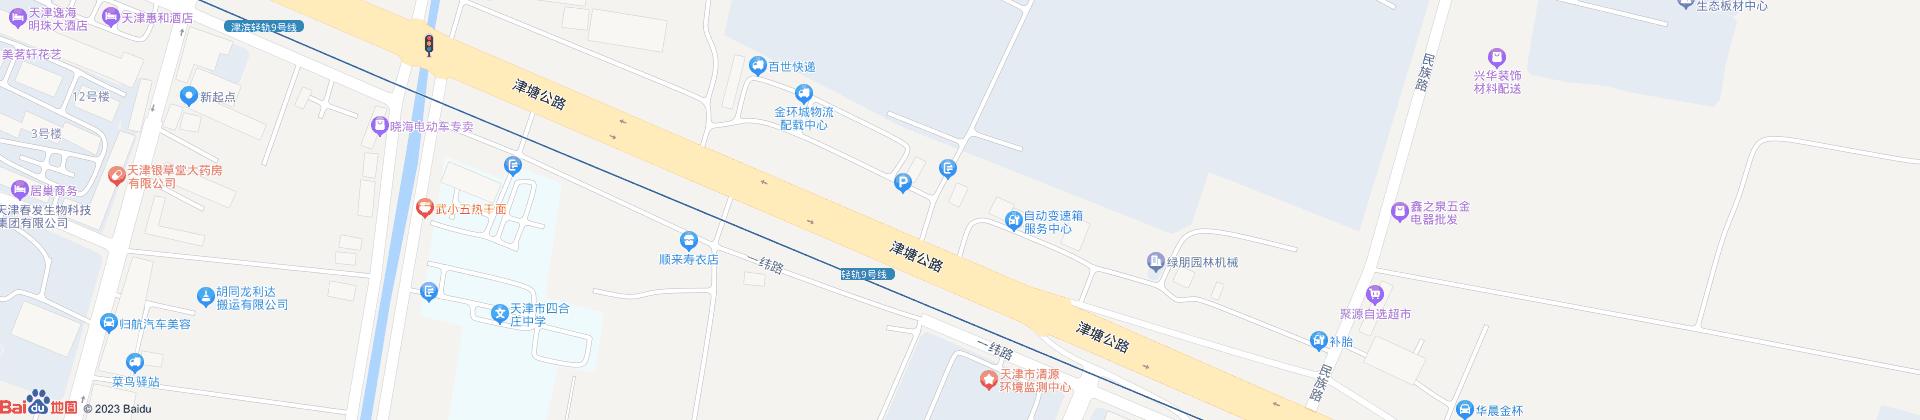 天jin188体yu网站注册叉che销售you限公si